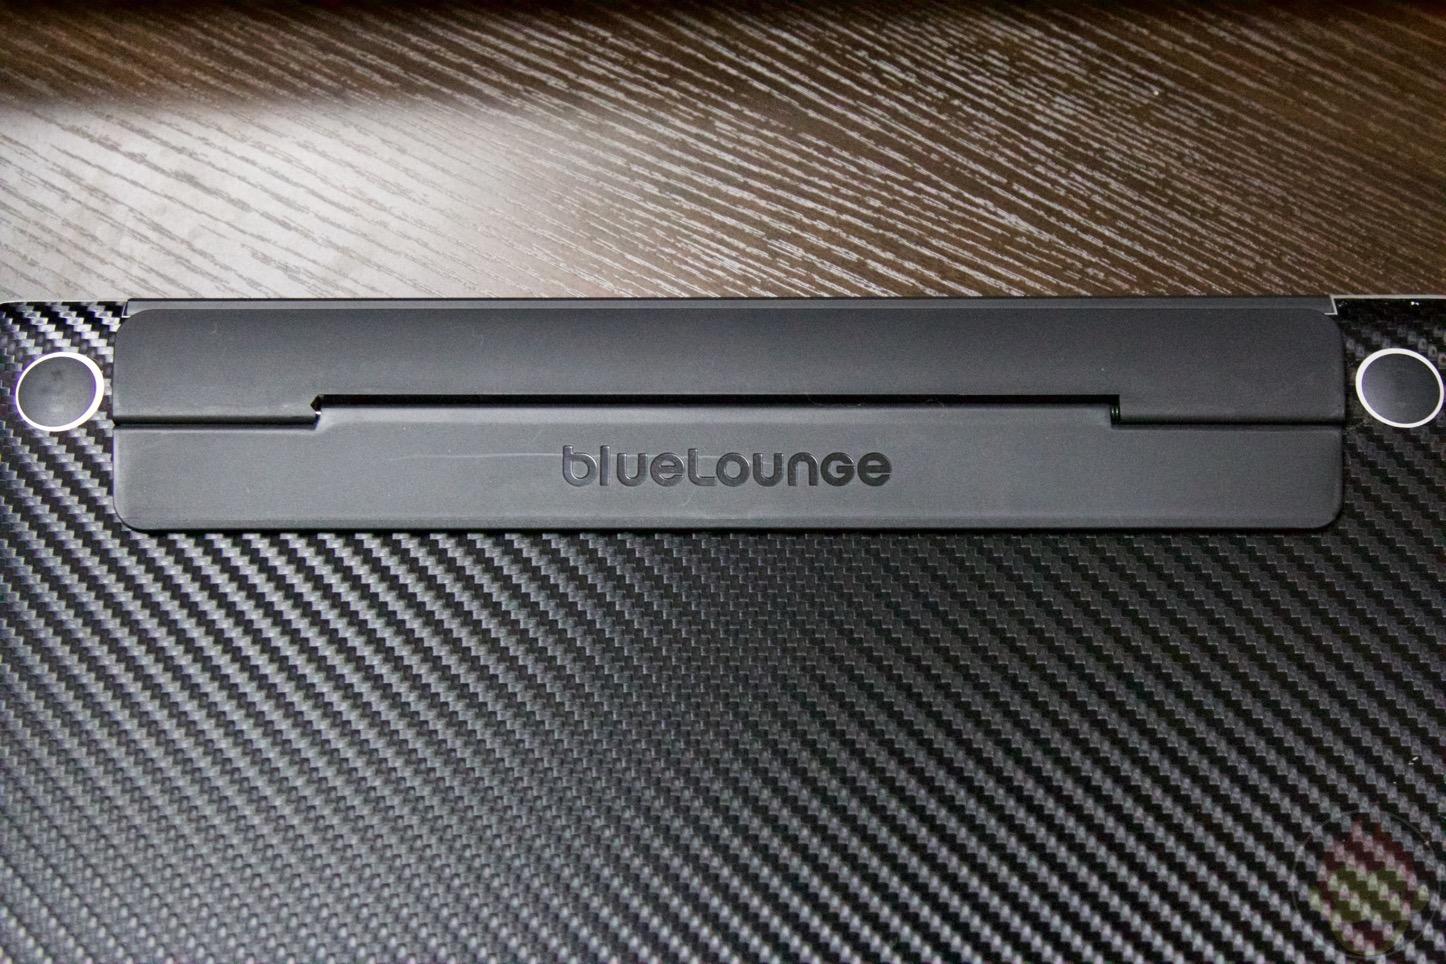 Bluelounge-Backflip-MacBookPro15-04.jpg